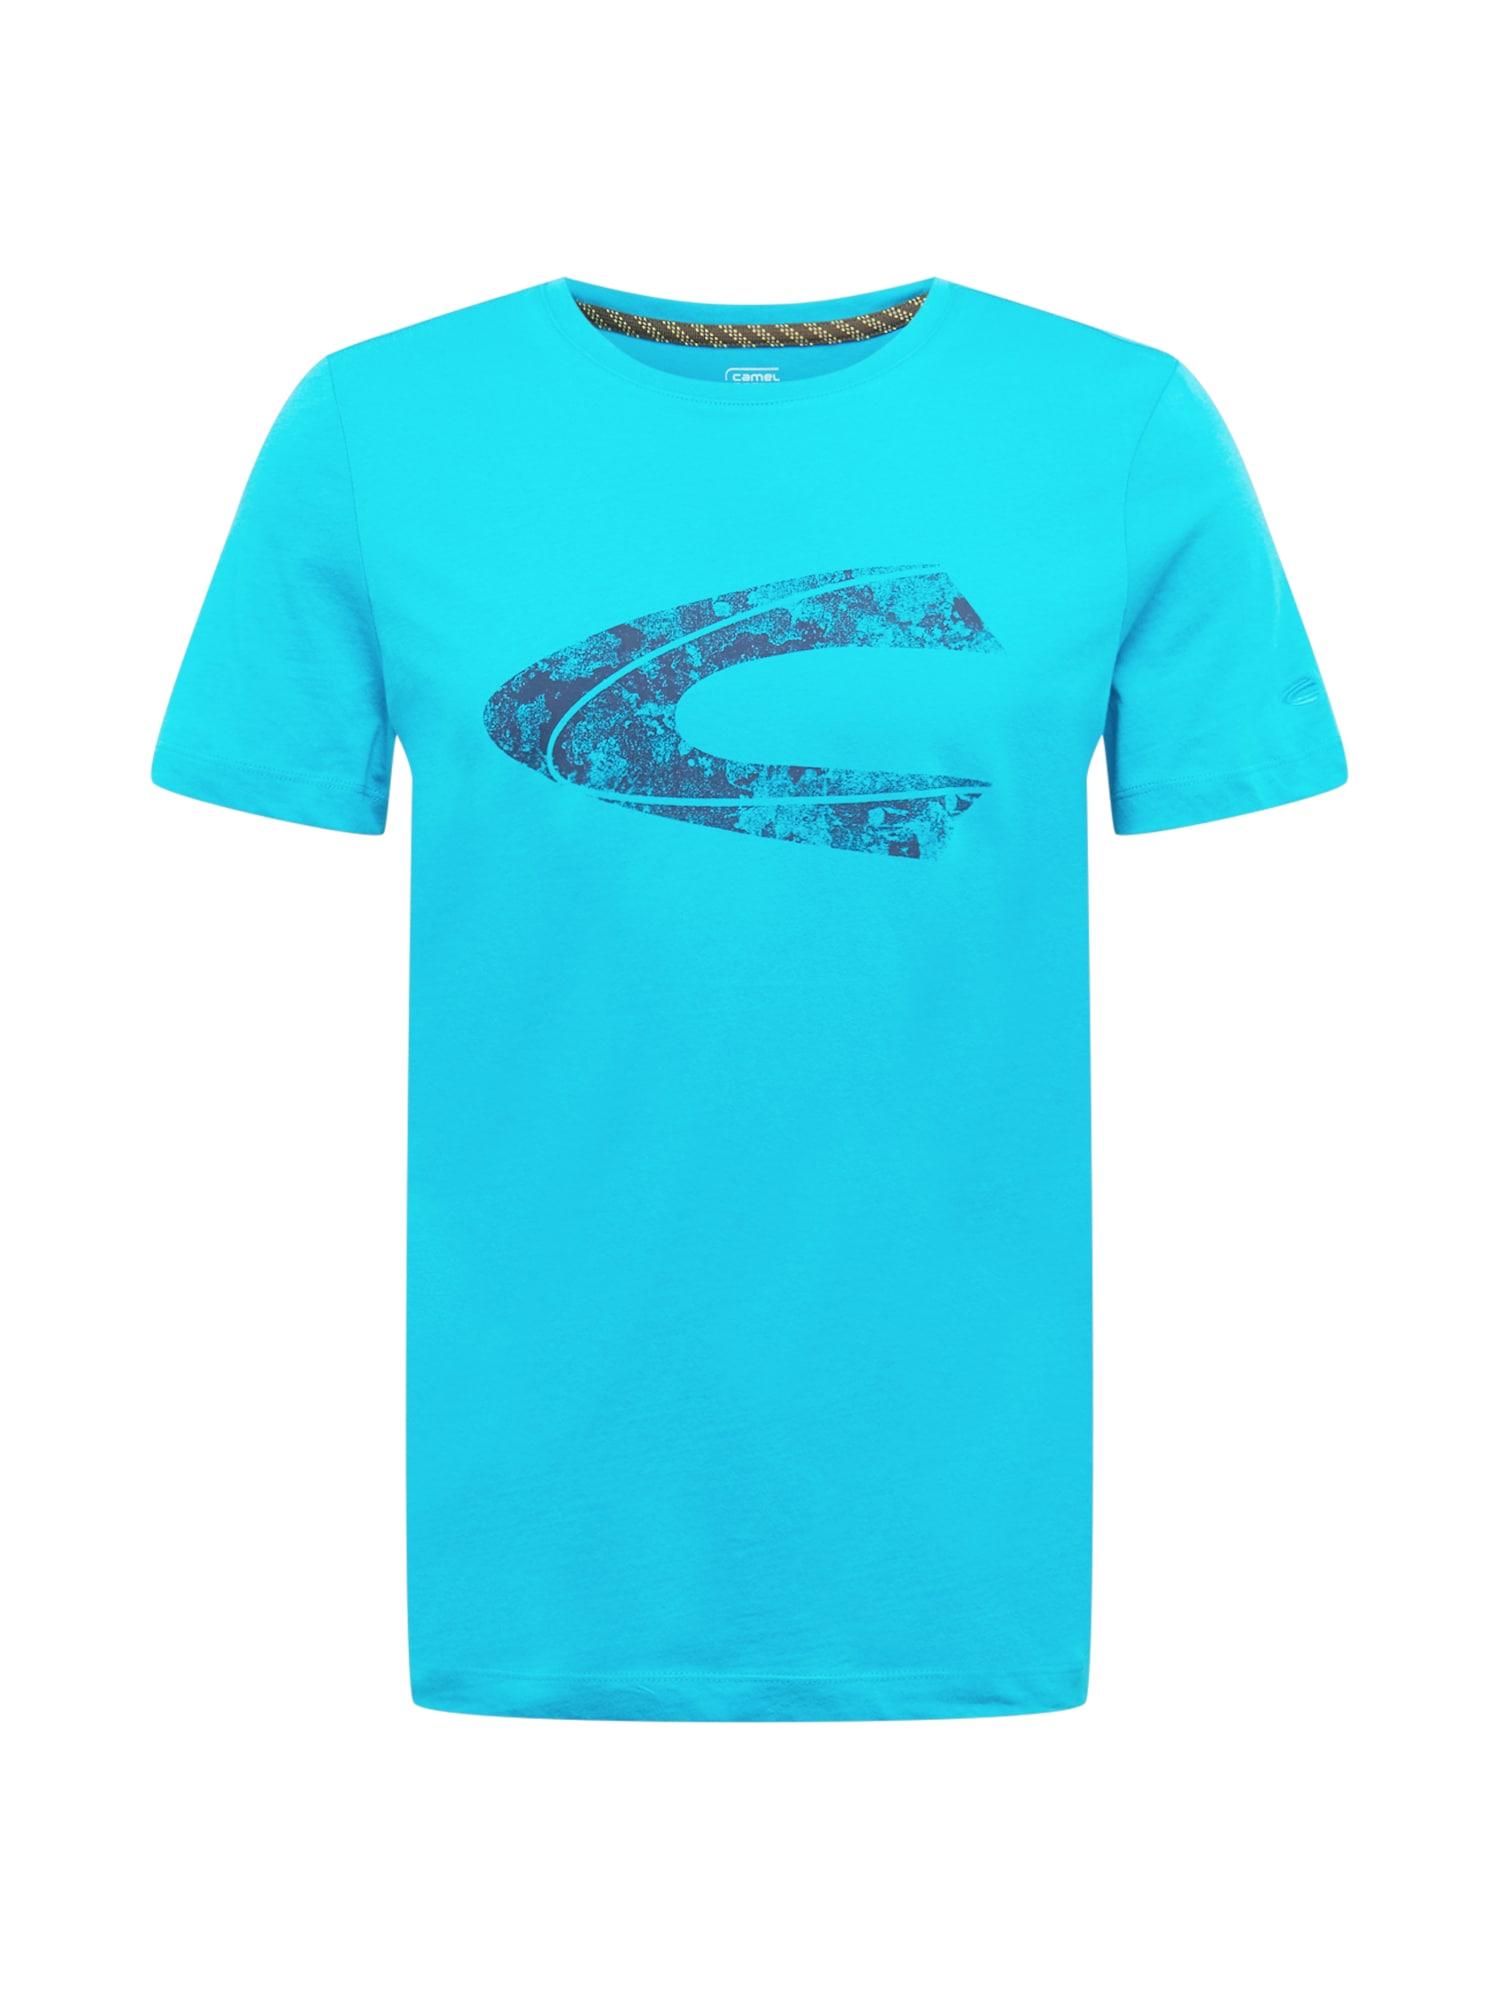 CAMEL ACTIVE Marškinėliai tamsiai mėlyna / dangaus žydra